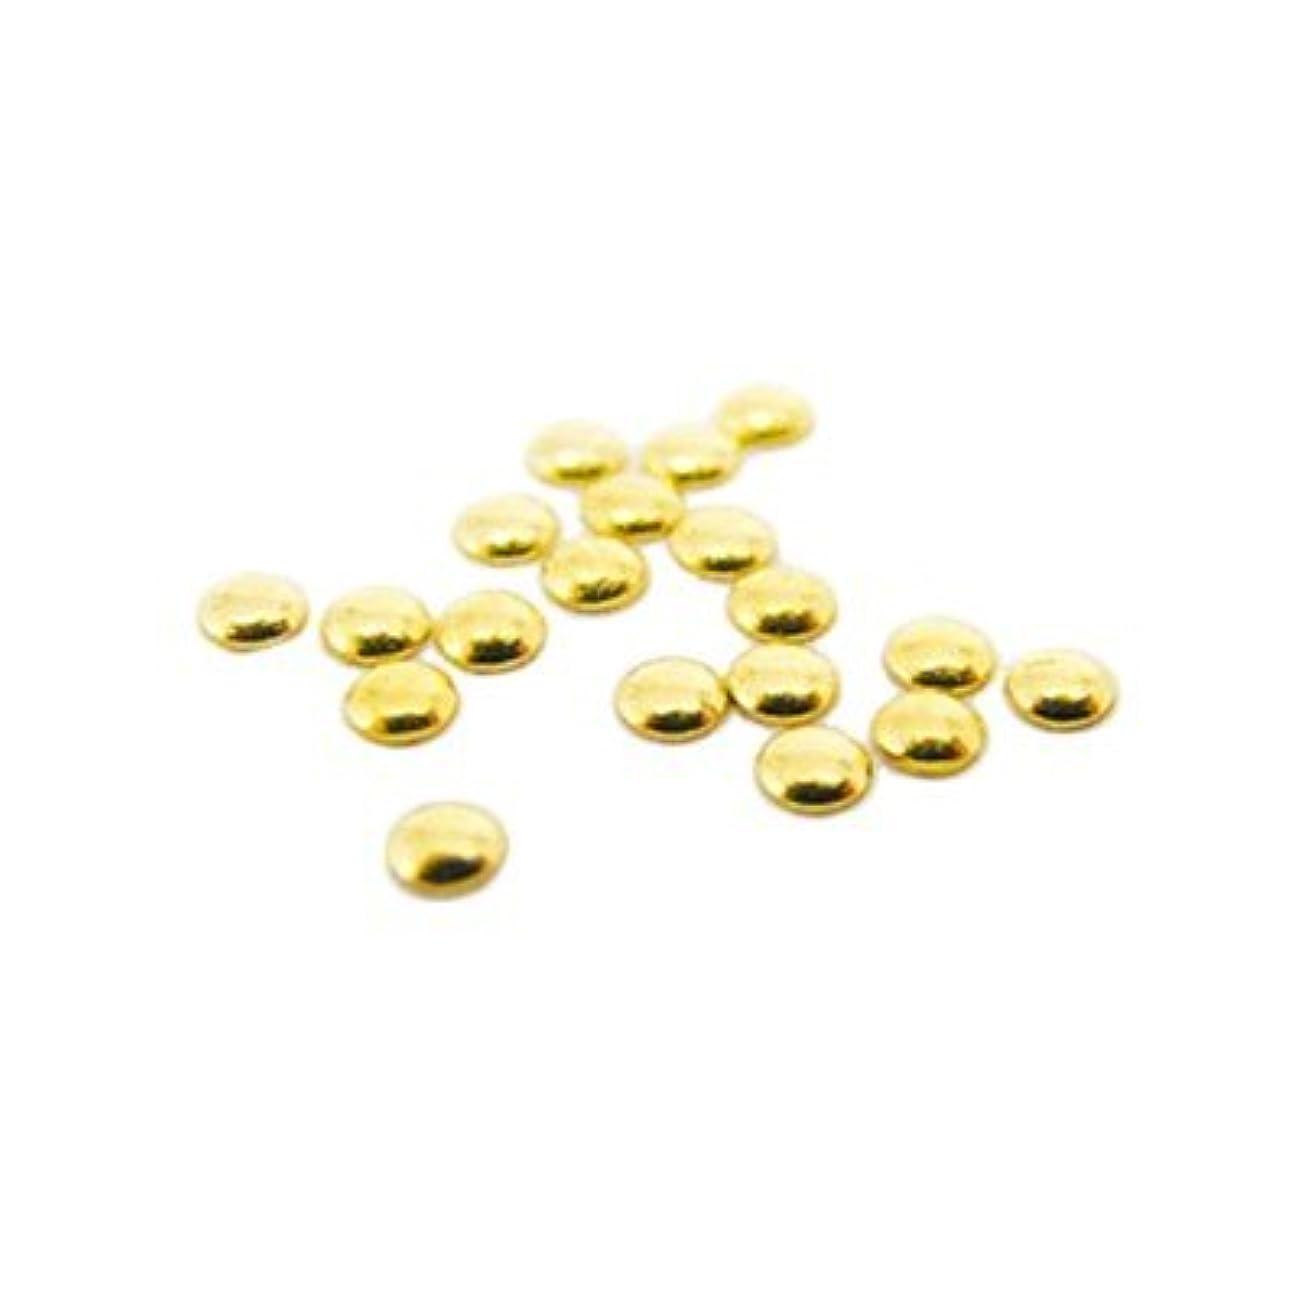 パンフレット革新追加するピアドラ スタッズ 2.0mm 50P ゴールド